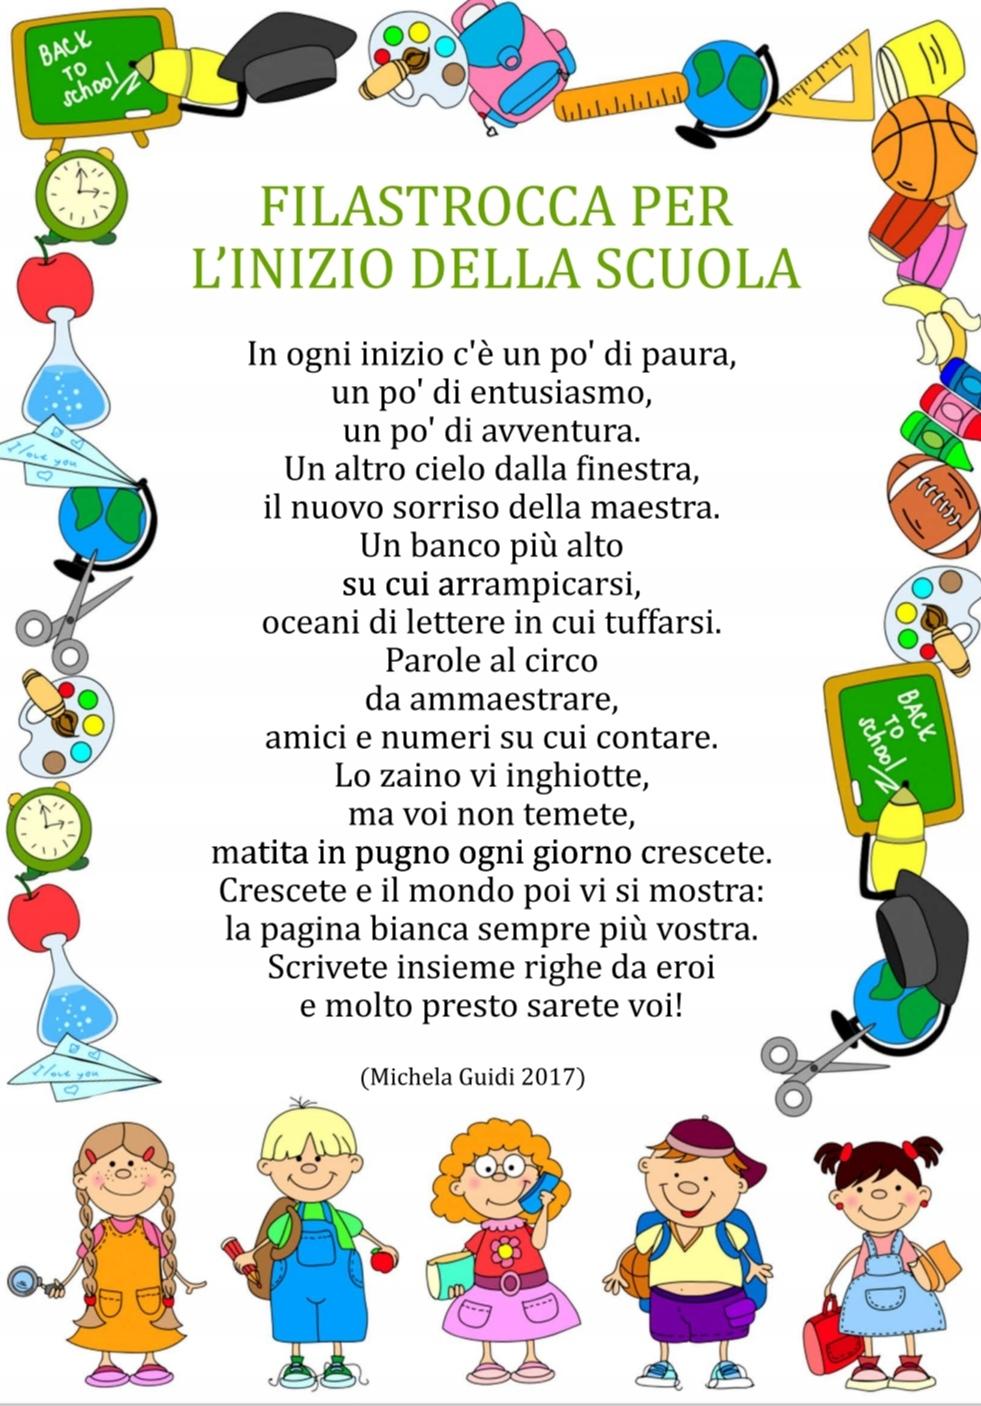 poesia inizio scuola filastrocca di michel aguidi l-inizio della scuola